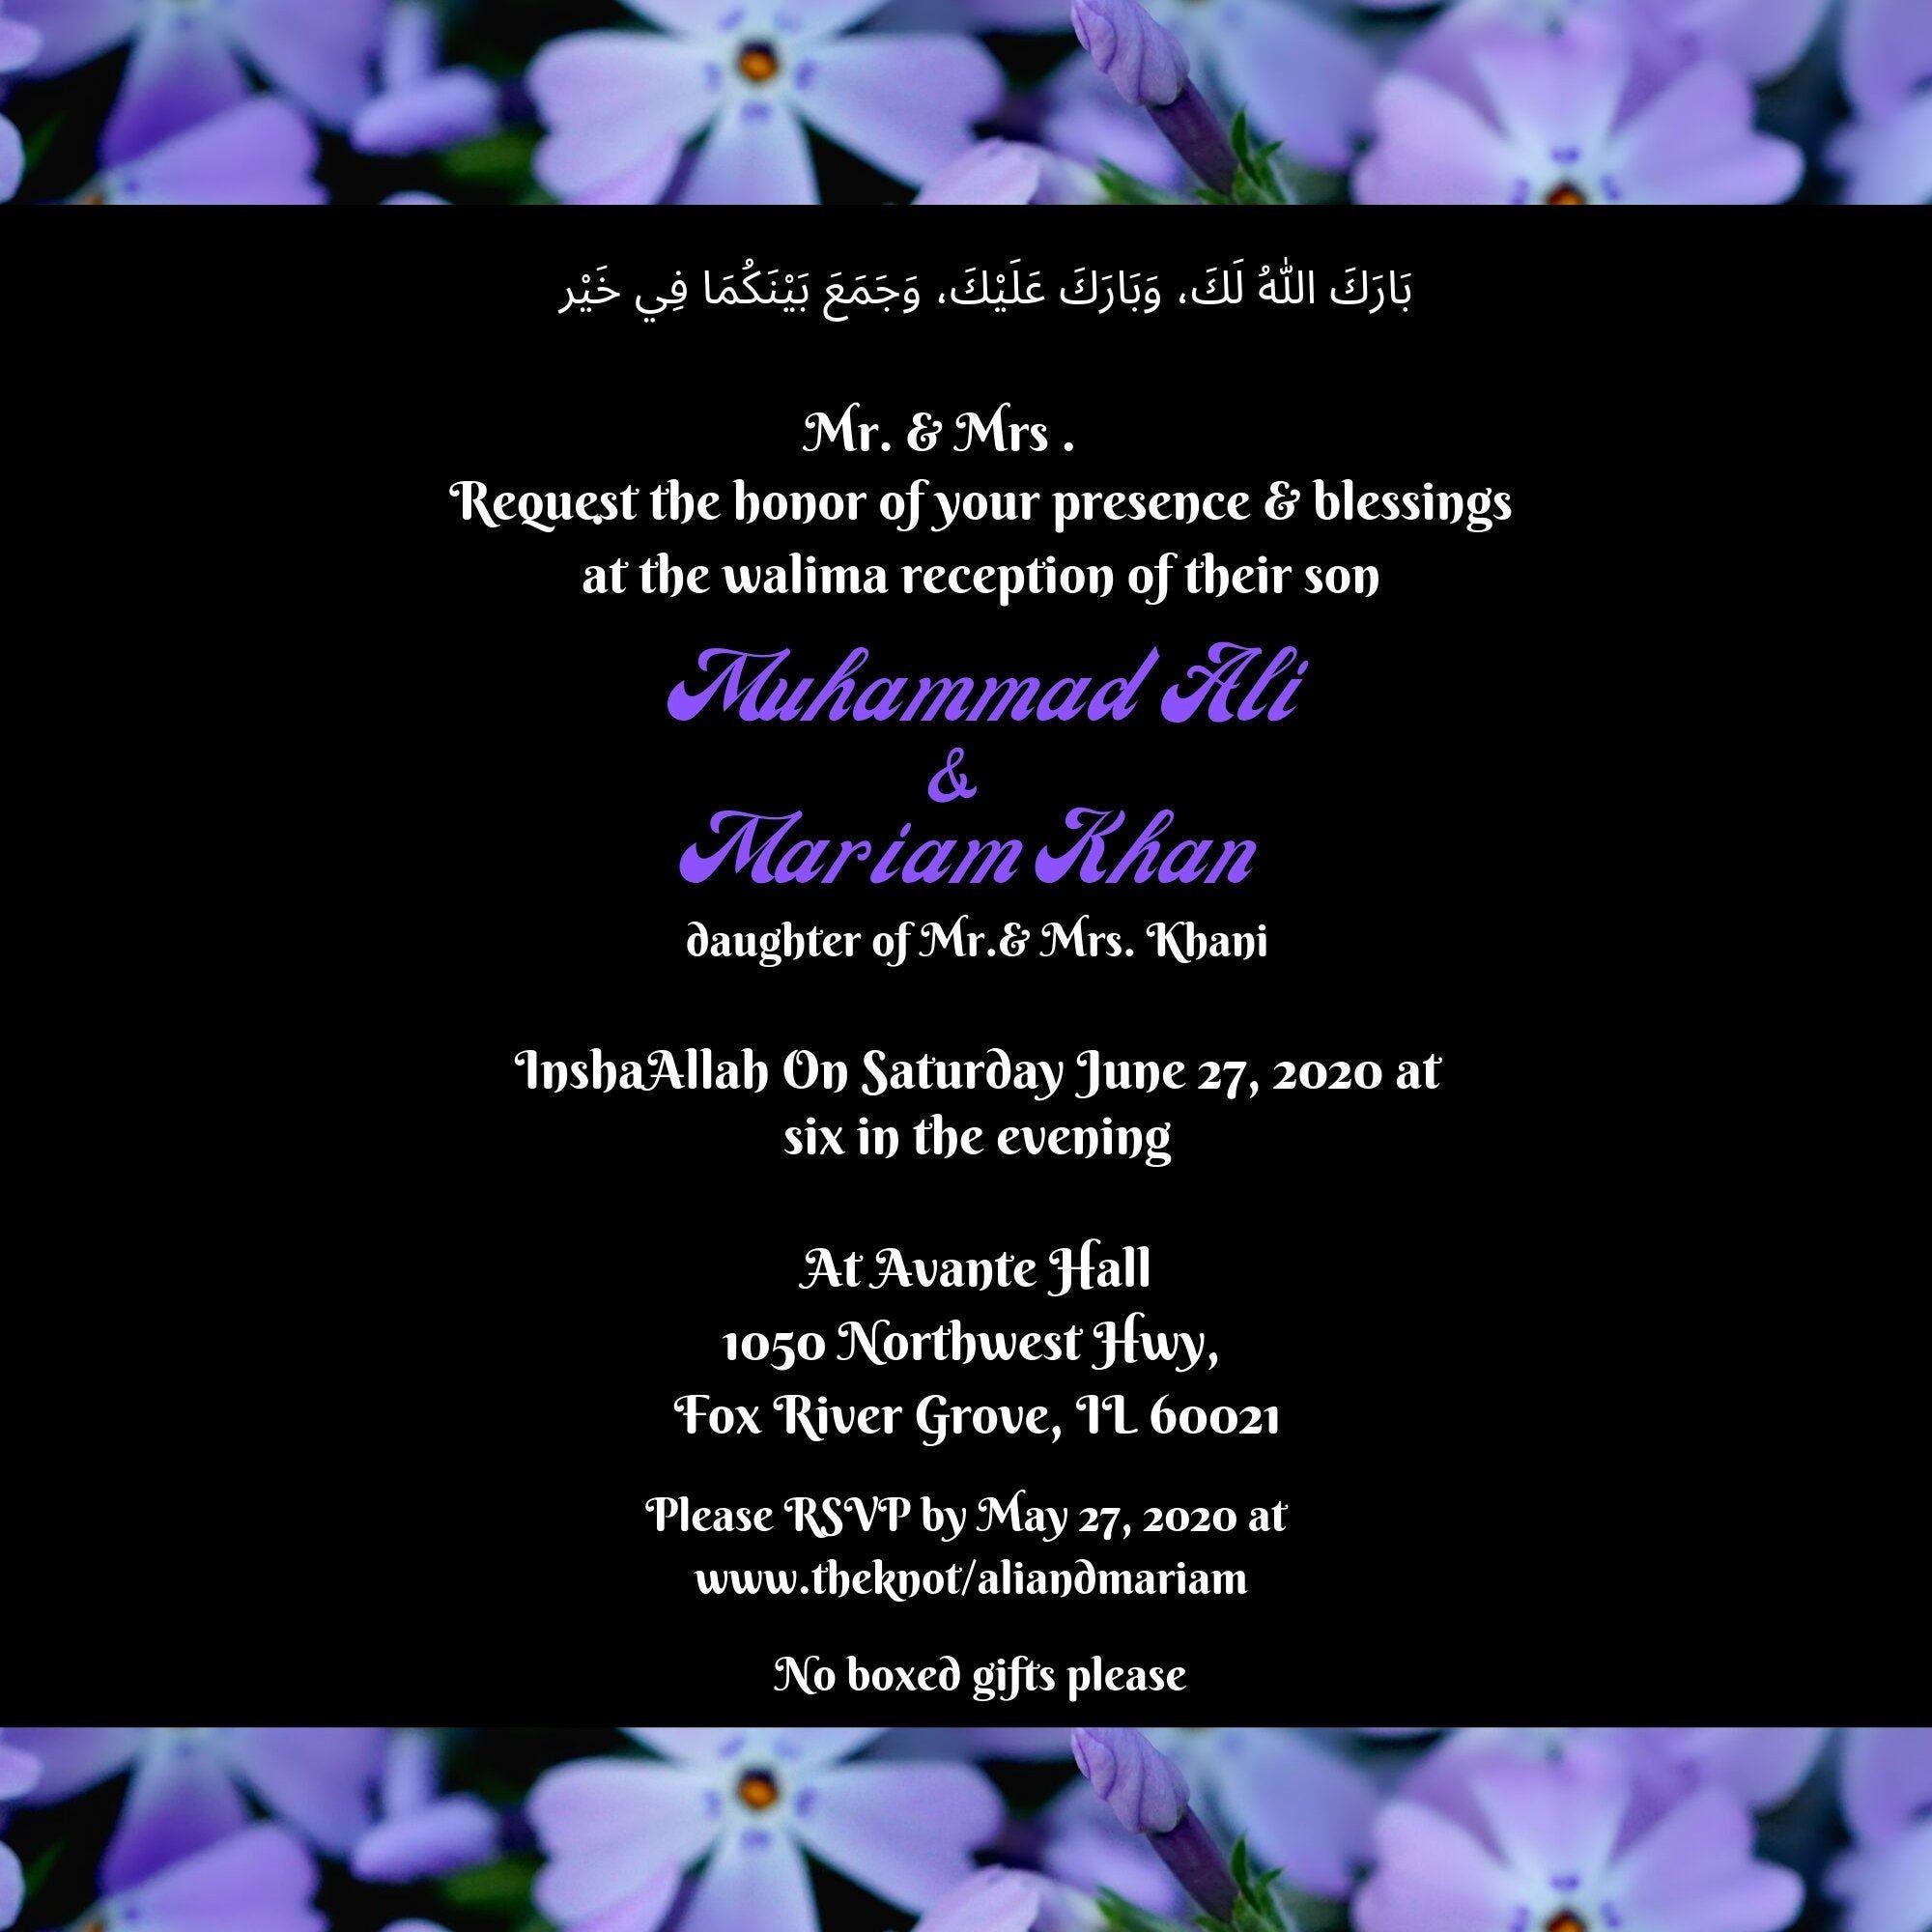 Walima Invitation Nikah Invitation Muslim Invitation Printable Valima Invitation Muslim Wedding Invitations Wedding Invitation Templates Muslim Wedding